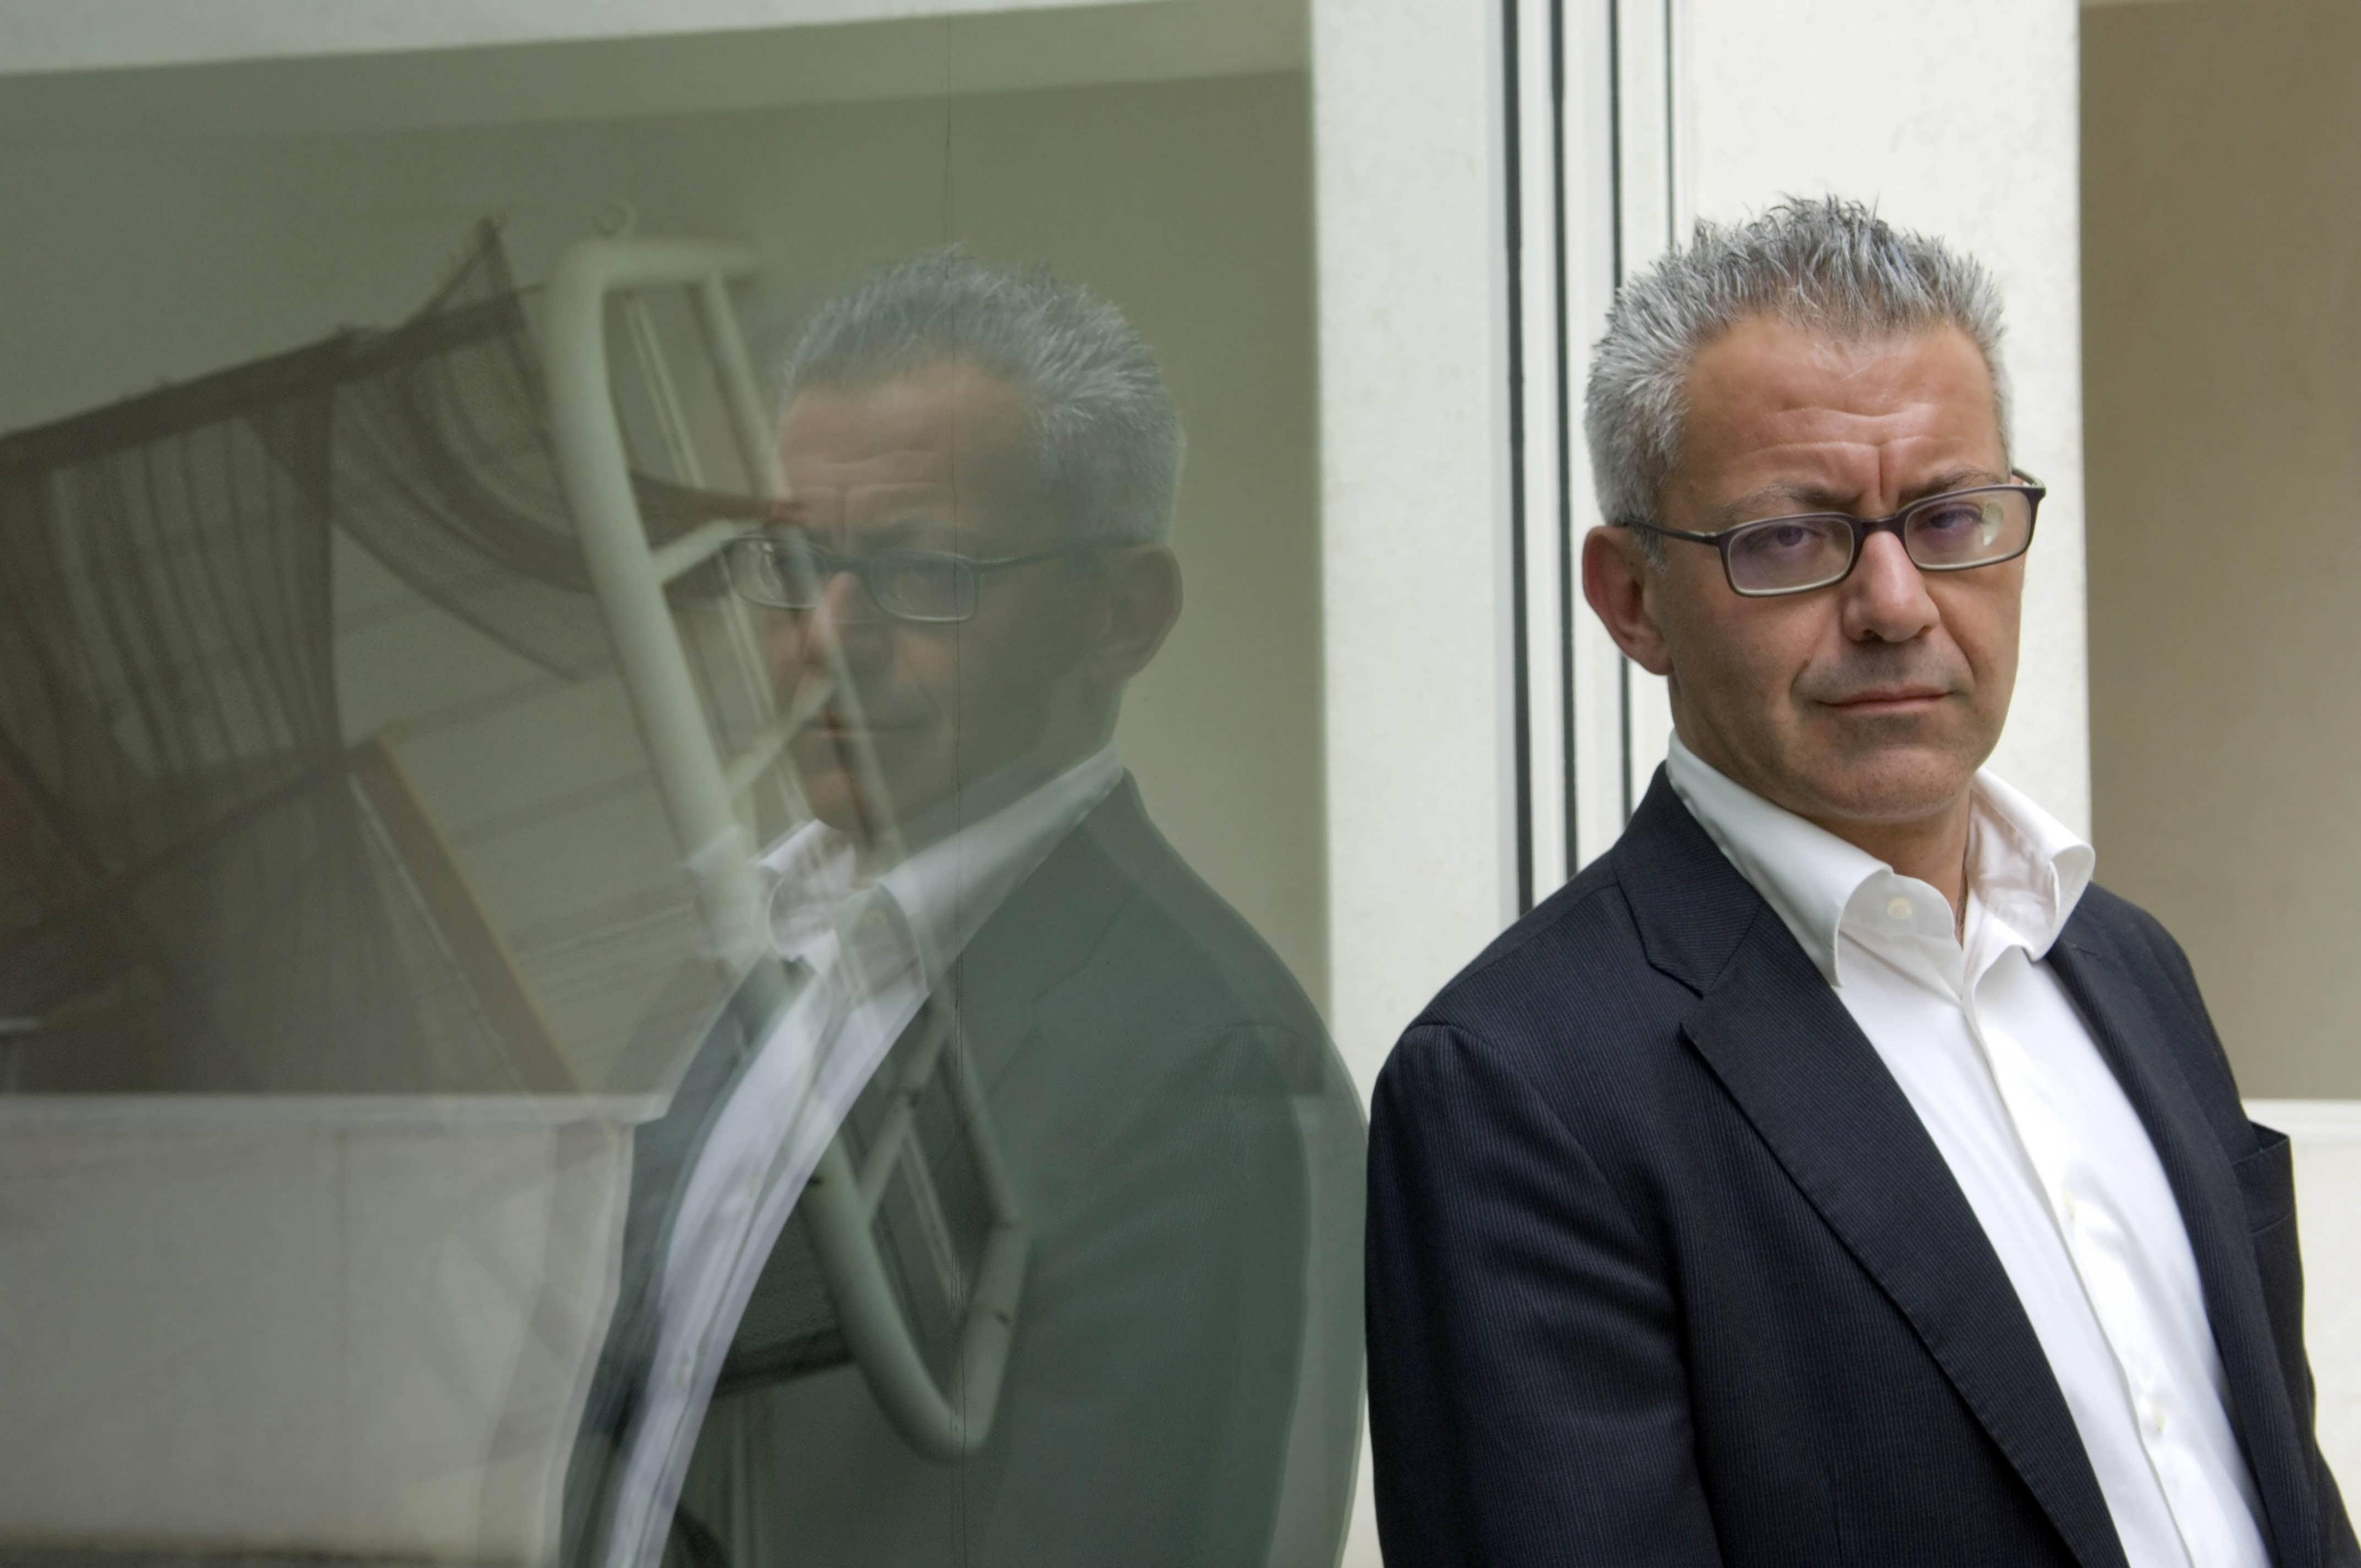 El director del Macba, nuevo presidente de la red internacional de museos de arte moderno y contemporáneo